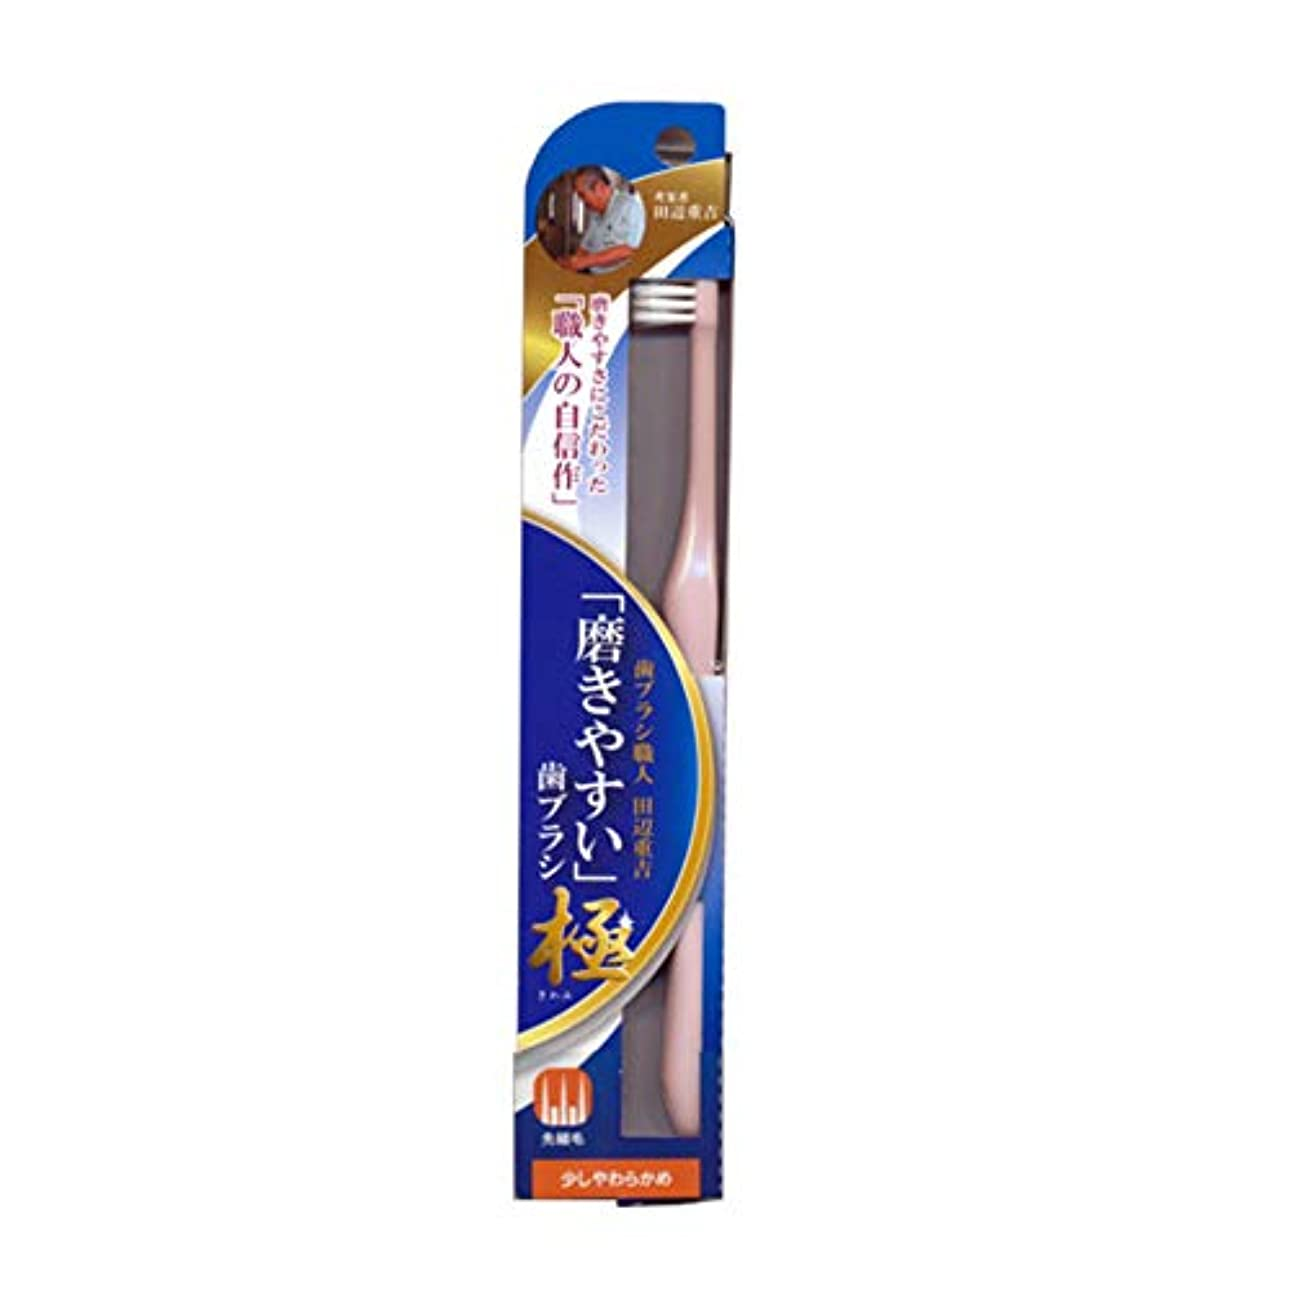 ディスク成果強打磨きやすい歯ブラシ極 (少し柔らかめ) LT-43 先細毛(色選択不可)